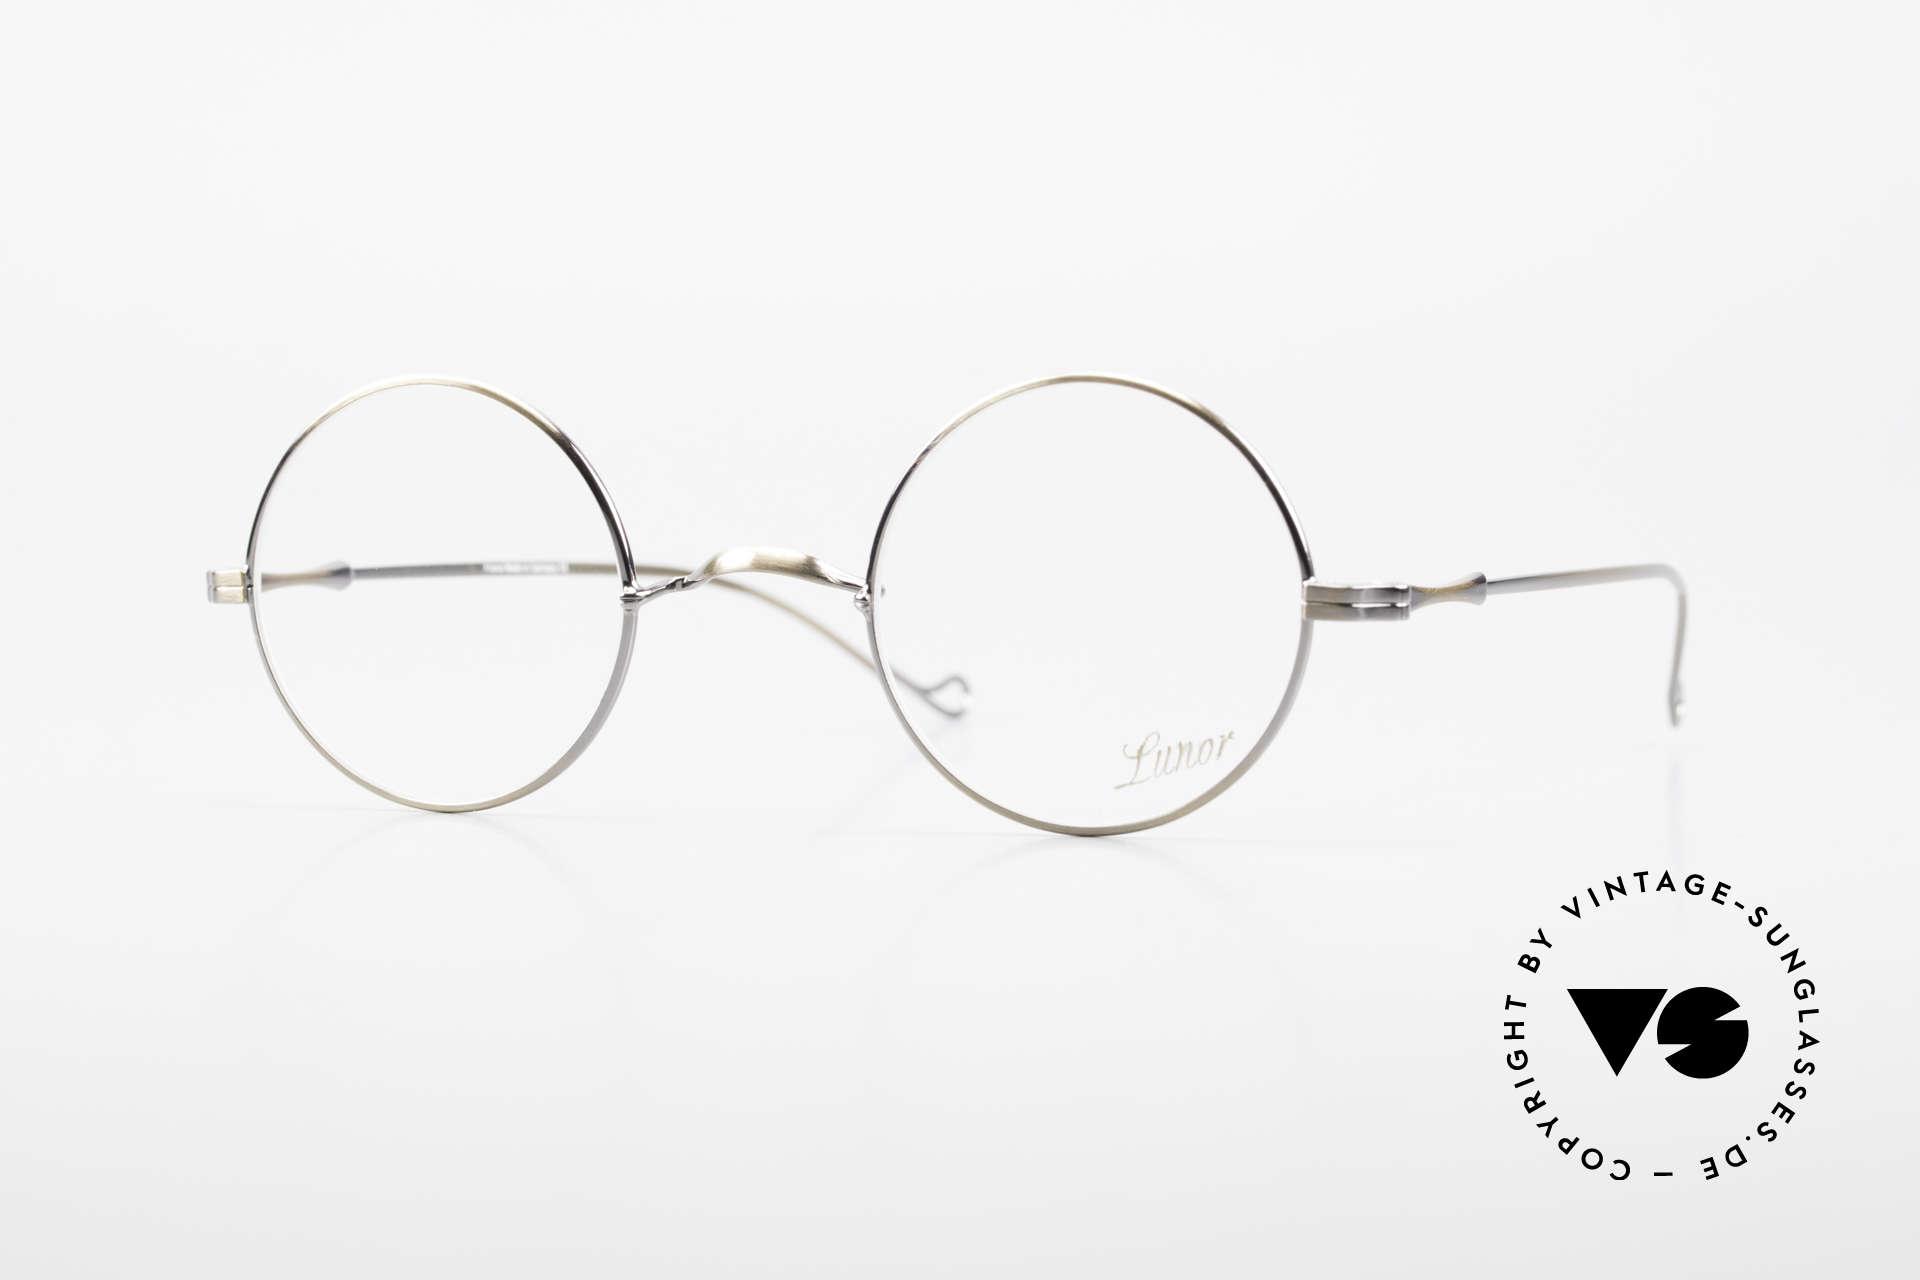 """Lunor II 23 Runde Lunor Brille Antik Gold, runde Lunor Brille aus der alten """"LUNOR II"""" Serie, Passend für Herren und Damen"""